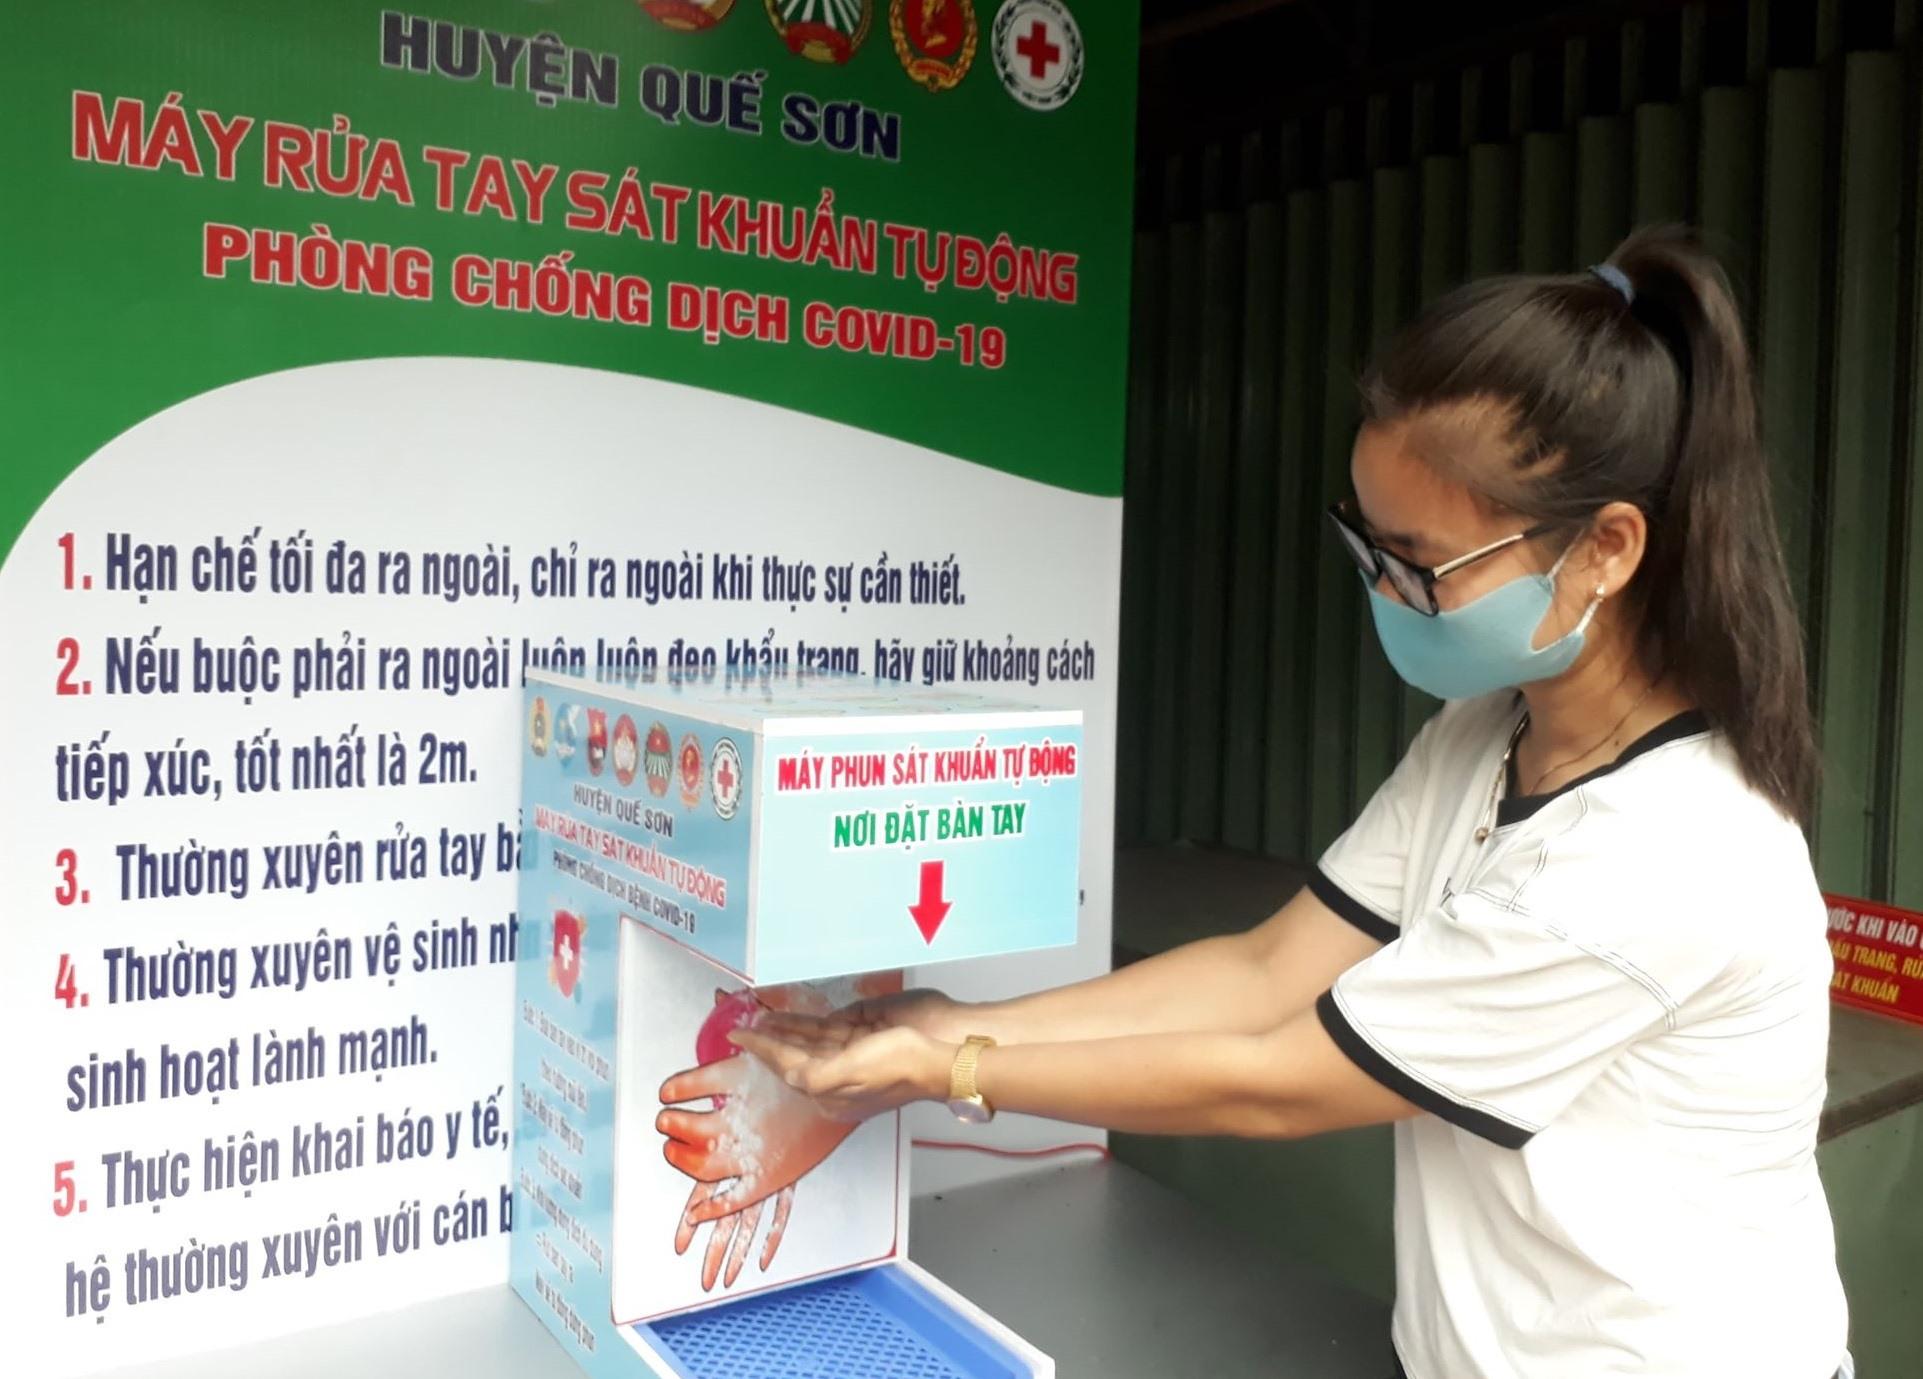 Máy rửa tay sát khuẩn tự động thuận tiện hơn cho người sử dụng. ảnh DT